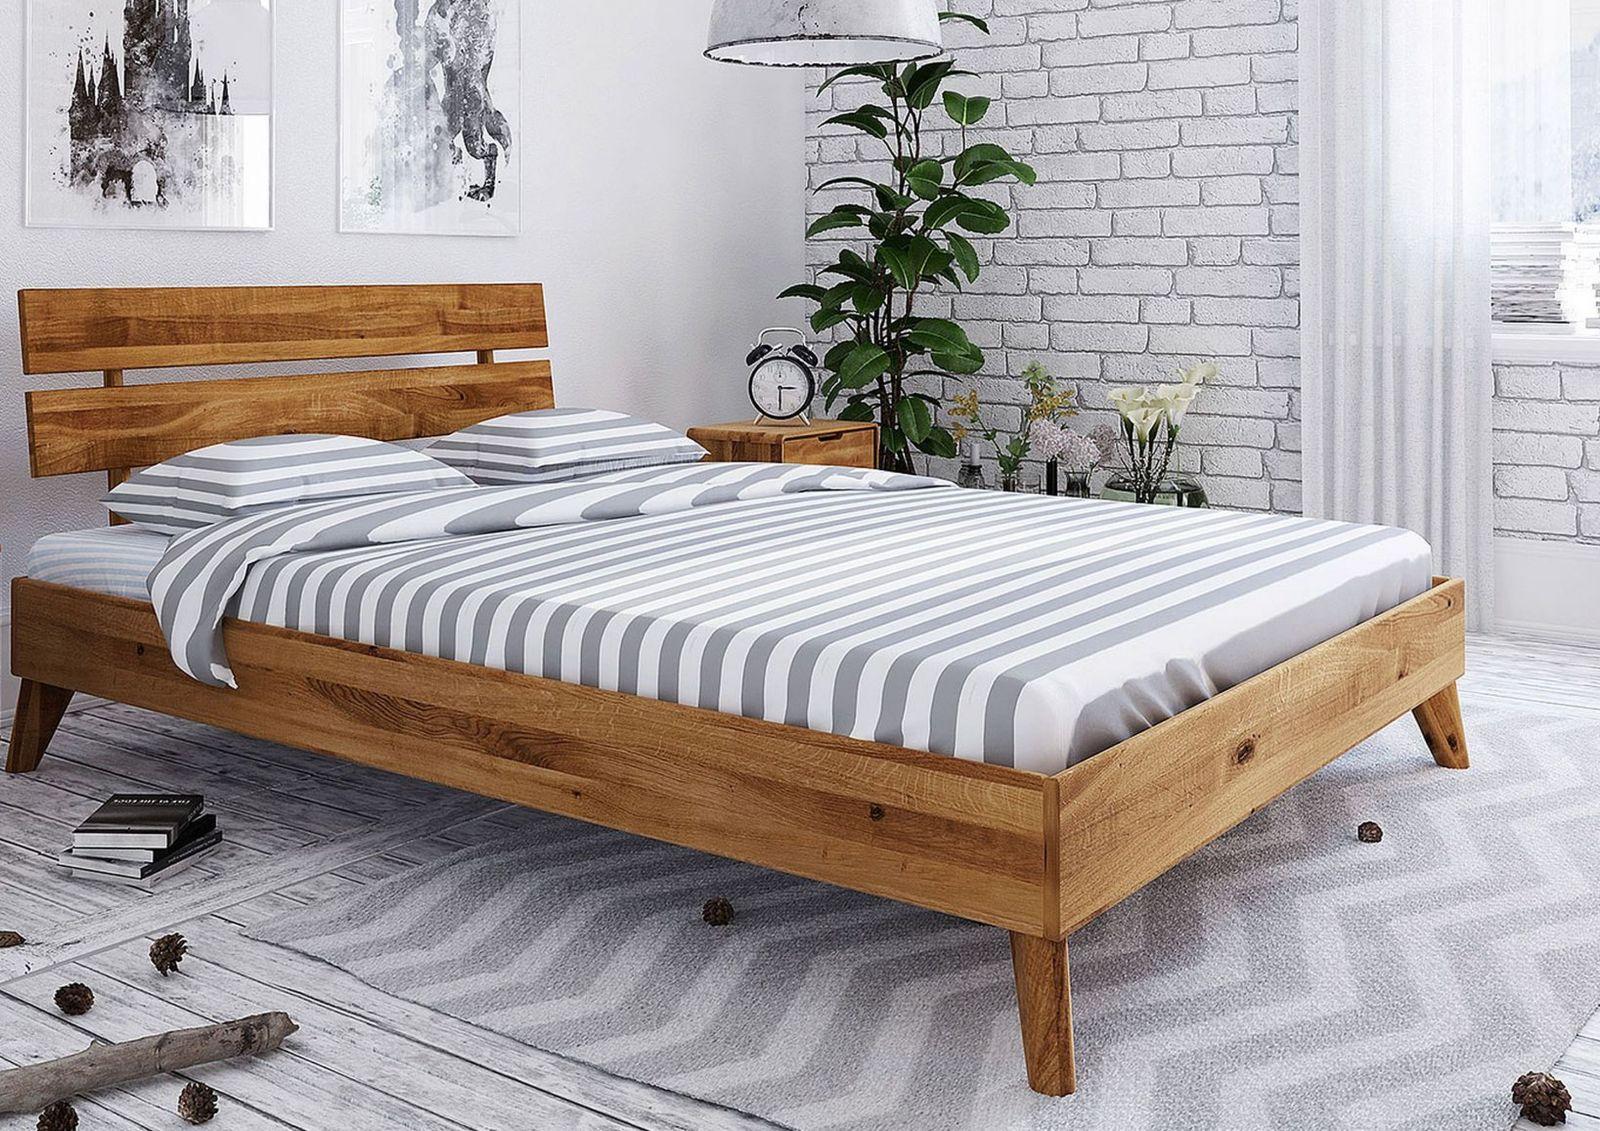 Full Size of Wildeiche Bett 160x200 Massiv 180x200 200x200 140x200 Modern Aus Holz Gelt Natur Betten Outlet Außergewöhnliche Bettkasten 120x200 Komplett Ikea Futon Bett Wildeiche Bett